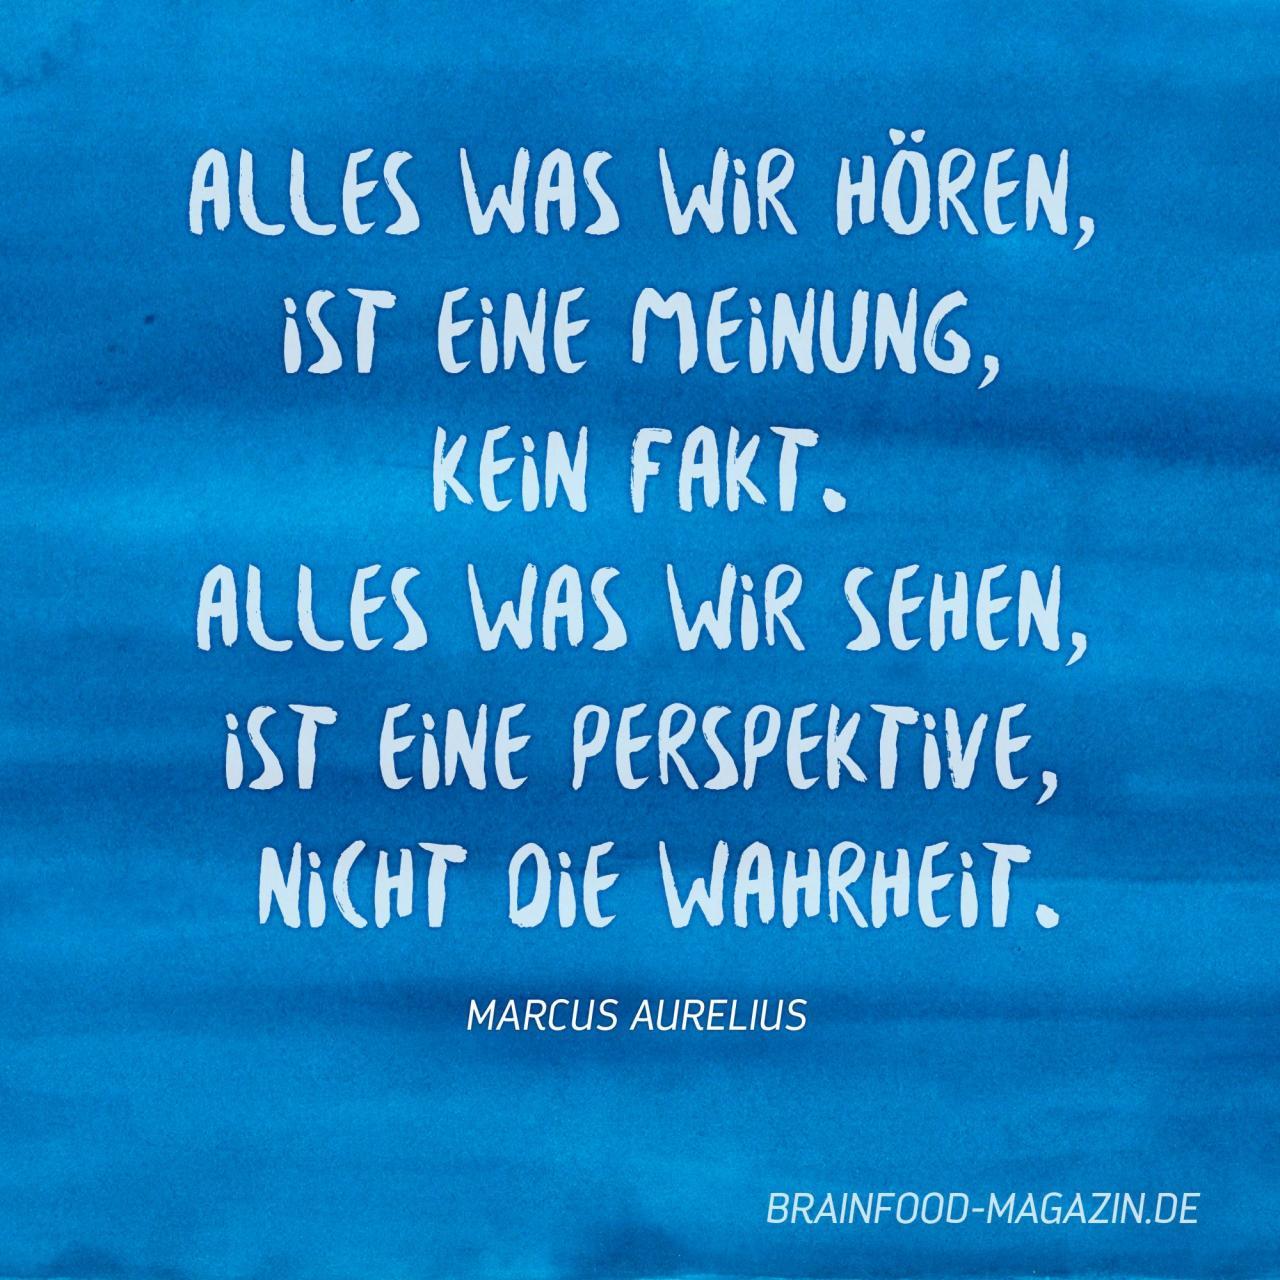 Weise Worte Vom Romischen Kaiser Marcus Aurelius Alles Was Wir Horen Ist Eine Meinung Kein Fakt Alles Was Wir Sehen Ist Eine Perspektive